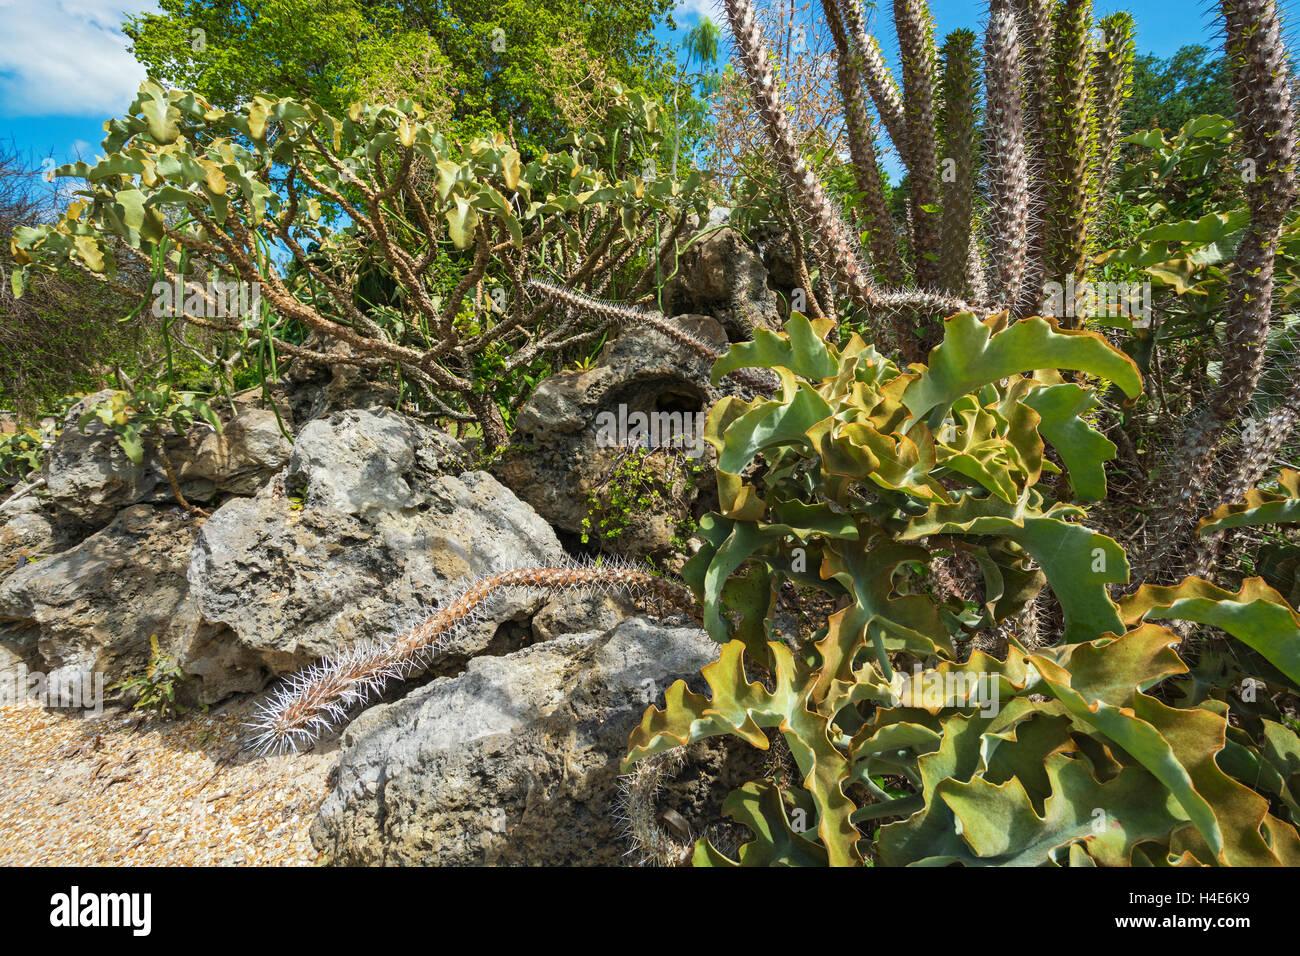 Florida, Coral Gables, Fairchild Tropical Botanic Garden, The Lin ...